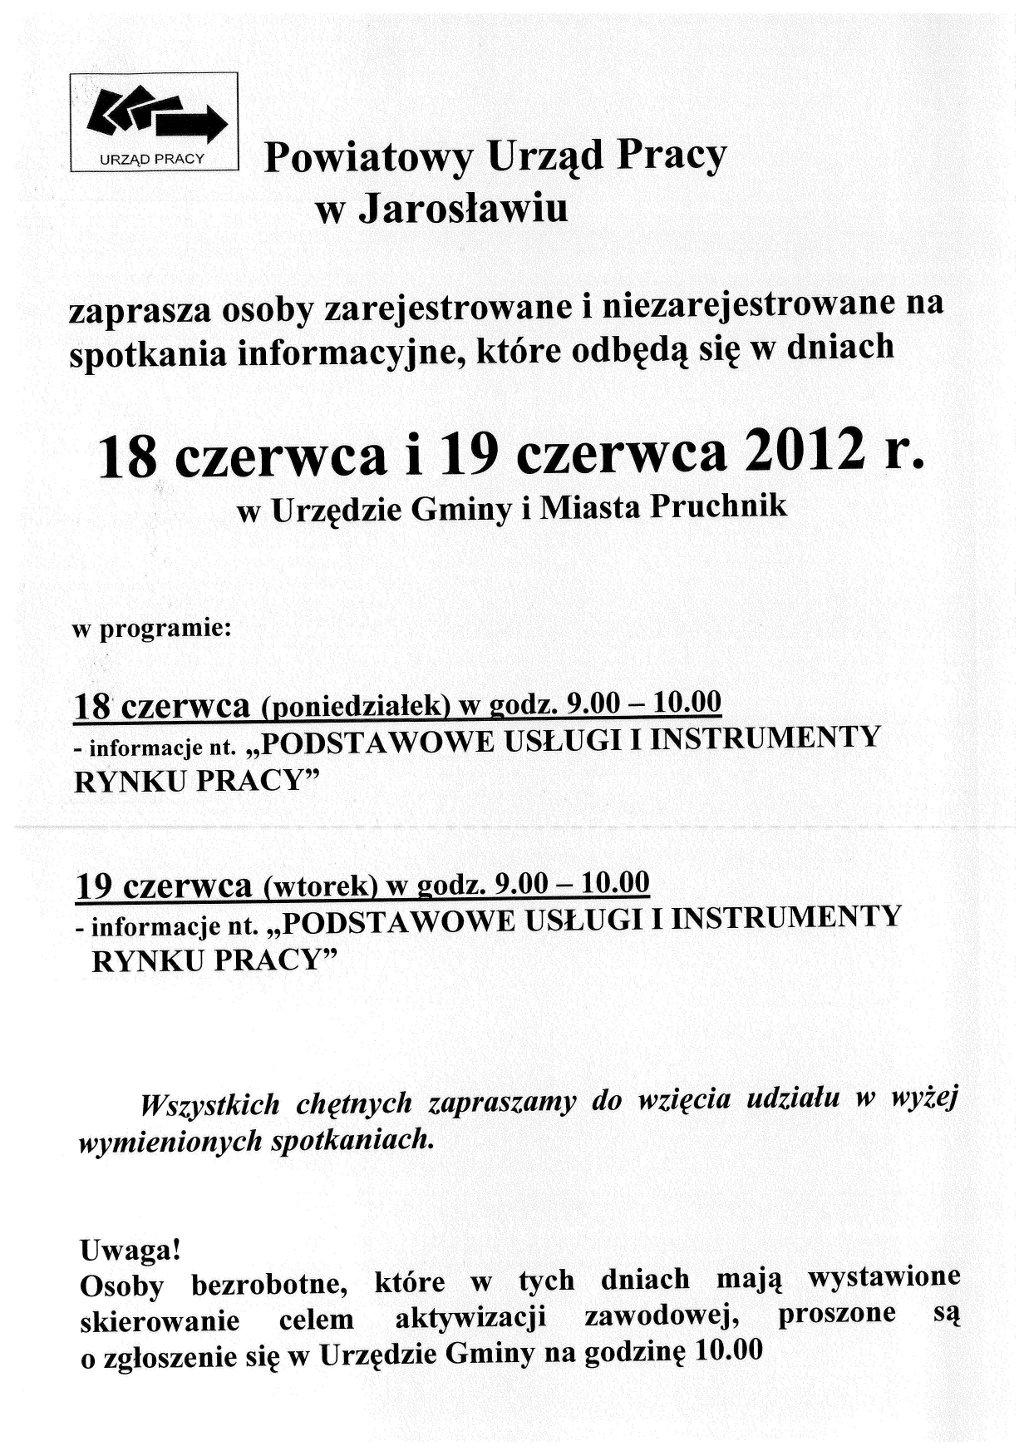 Galeria zdjęć: Spotkanie Informacyjne Powiatowego Urządu Pracy w Jarosławiu